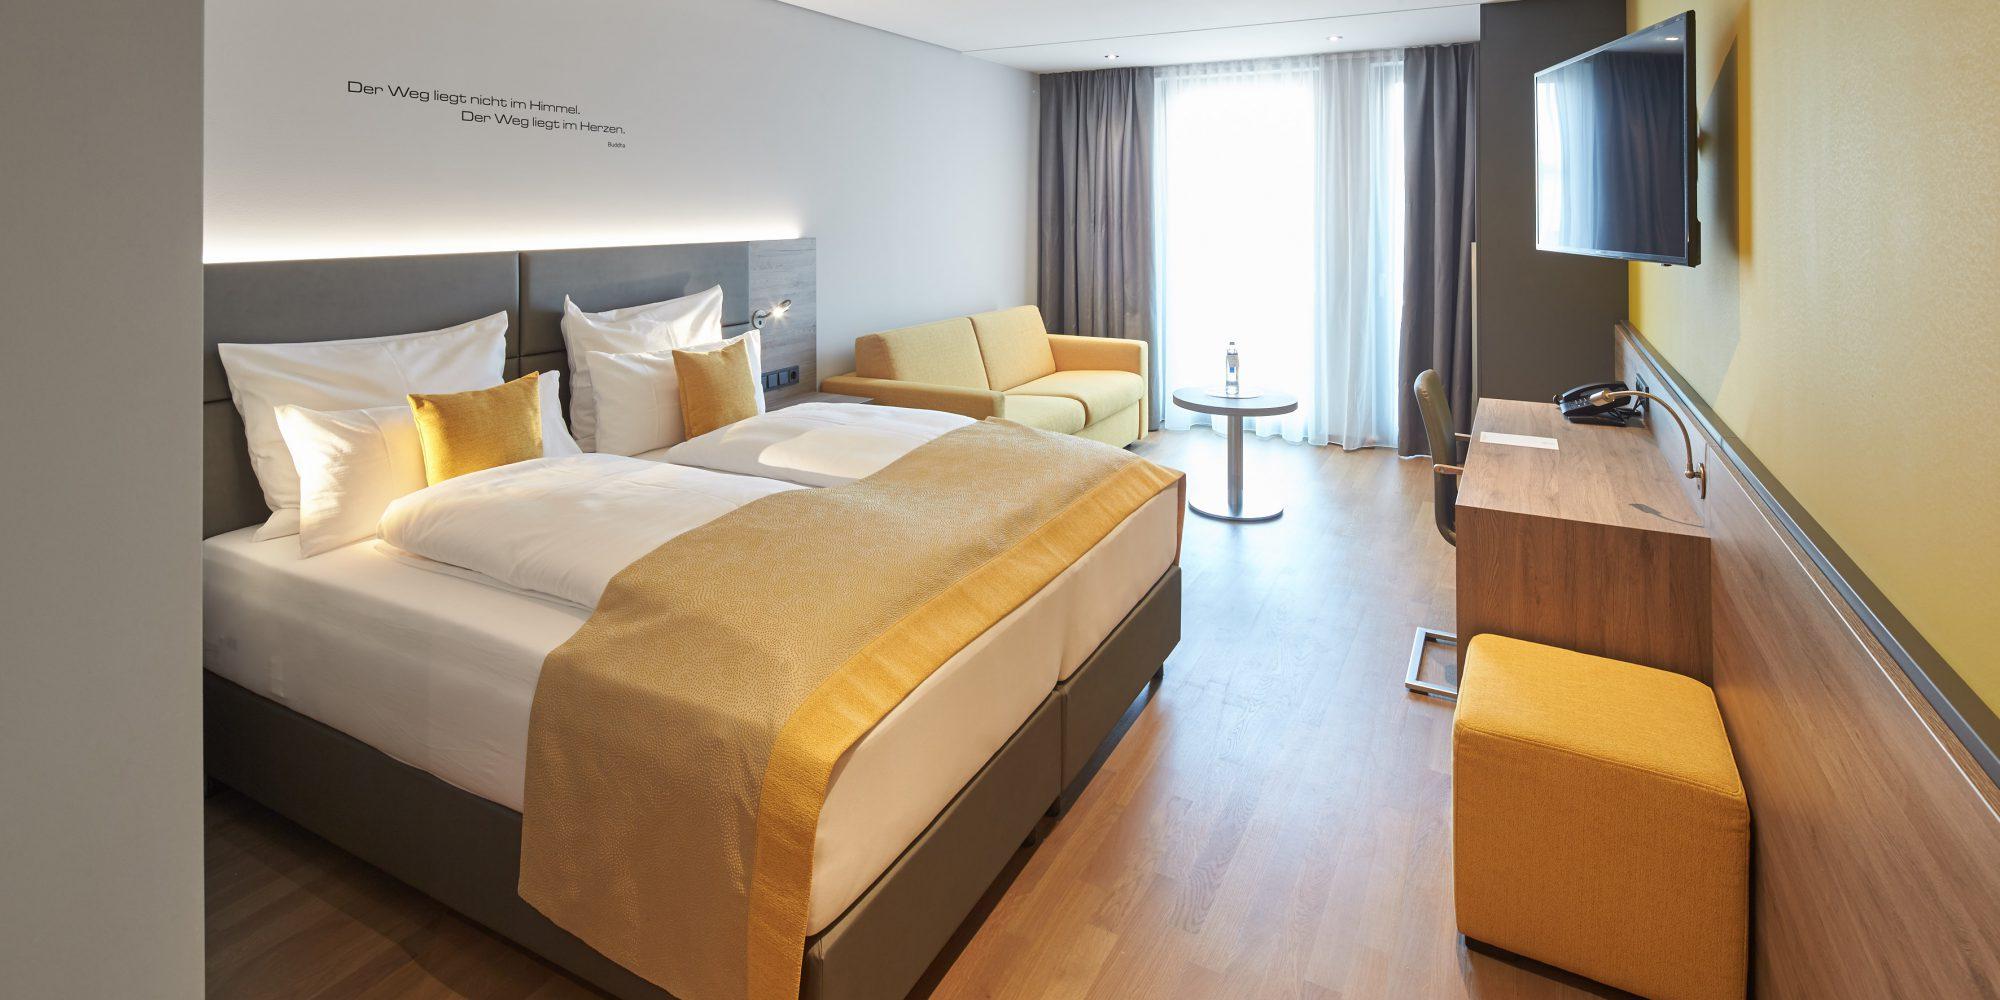 Hotel MODI Doppelzimmer